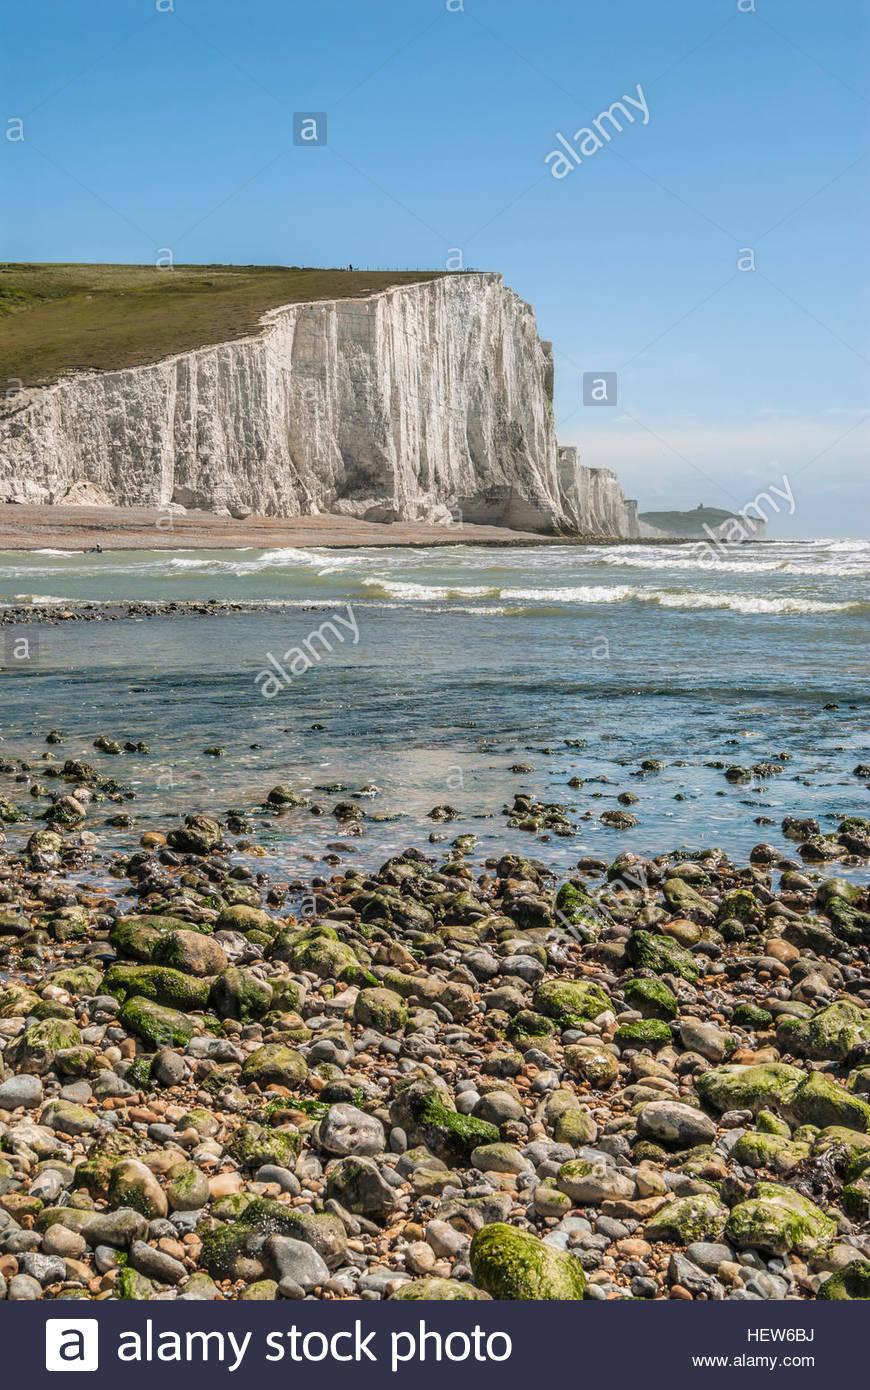 Blick über die sieben Schwester-Cliff-Bildung in der Nähe von Eastbourne, East Sussex, Südengland. Stockbild